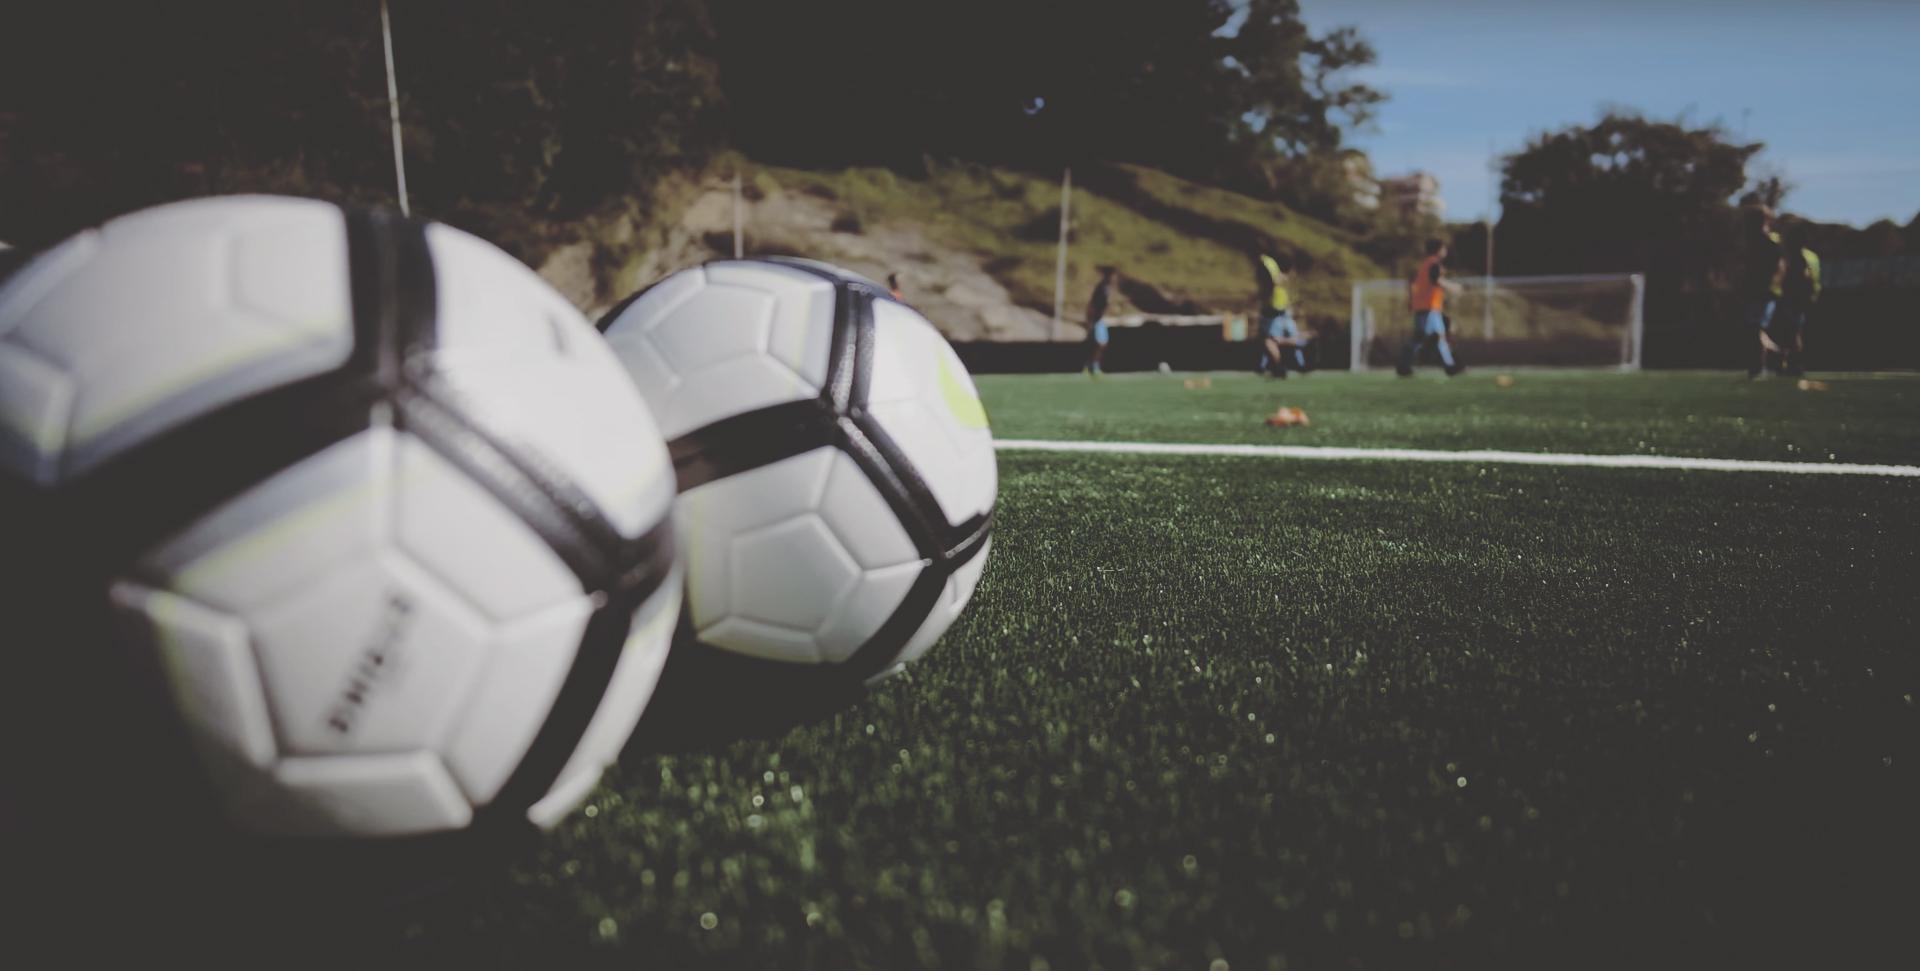 Lacunza Football Camp campamento futbol en ingles gipuzkoa san sebastian donostia